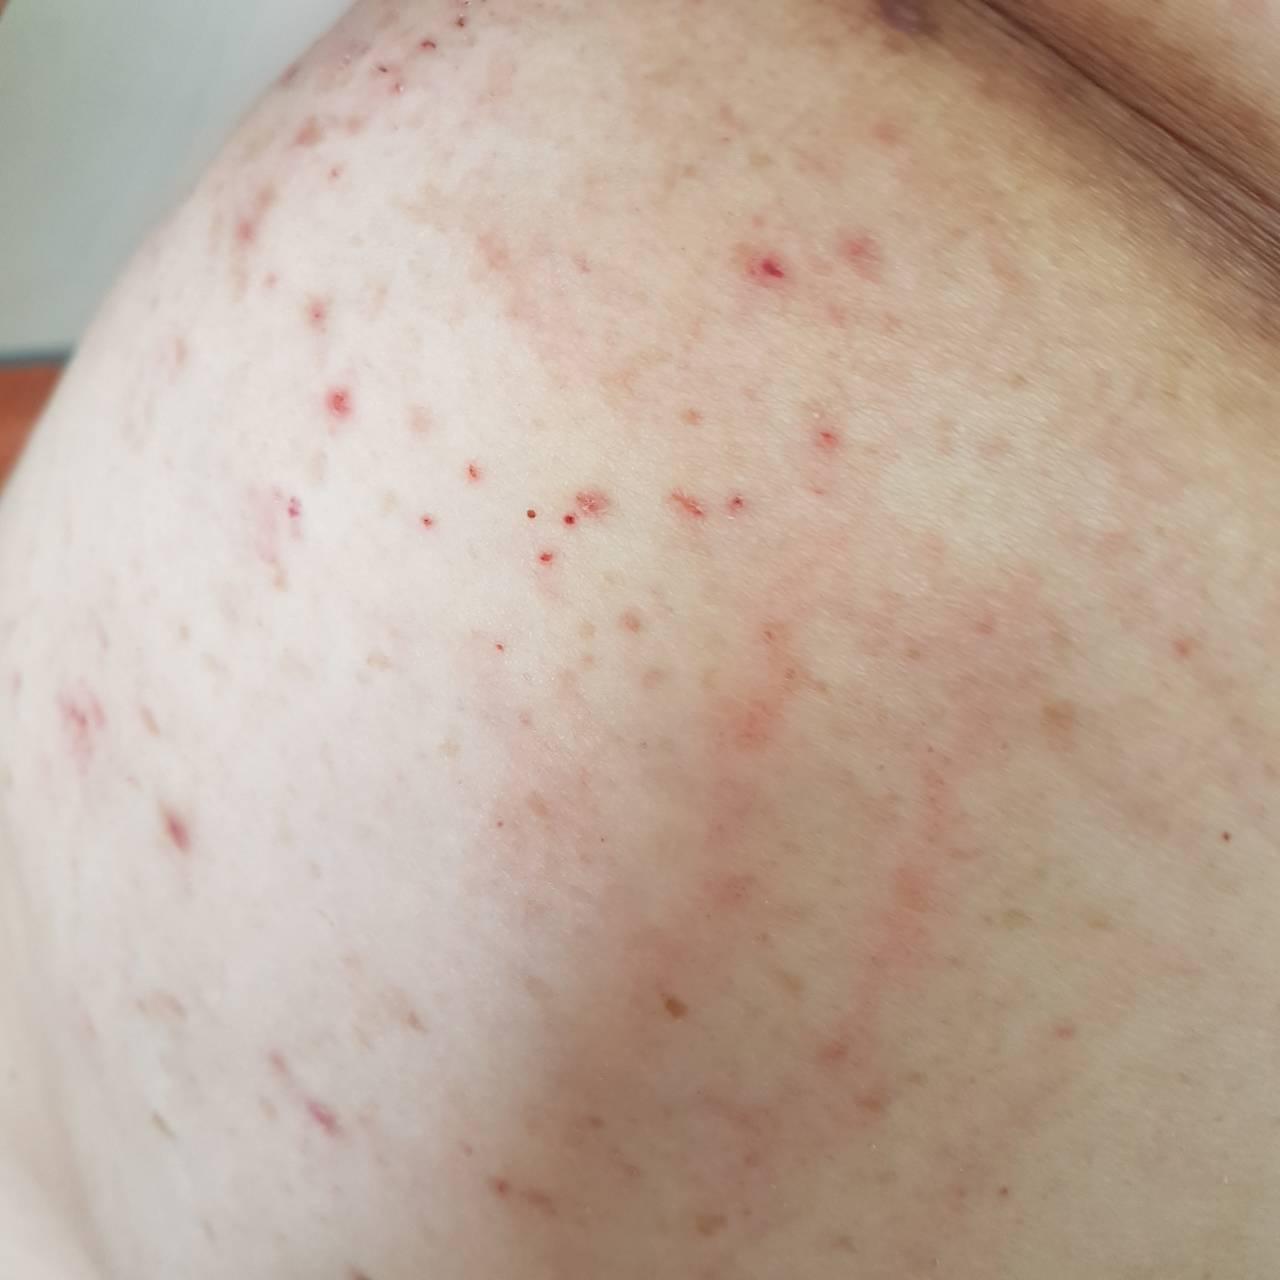 噁!疑未妥善照護 桃市某安養機構遭爆疥瘡感染